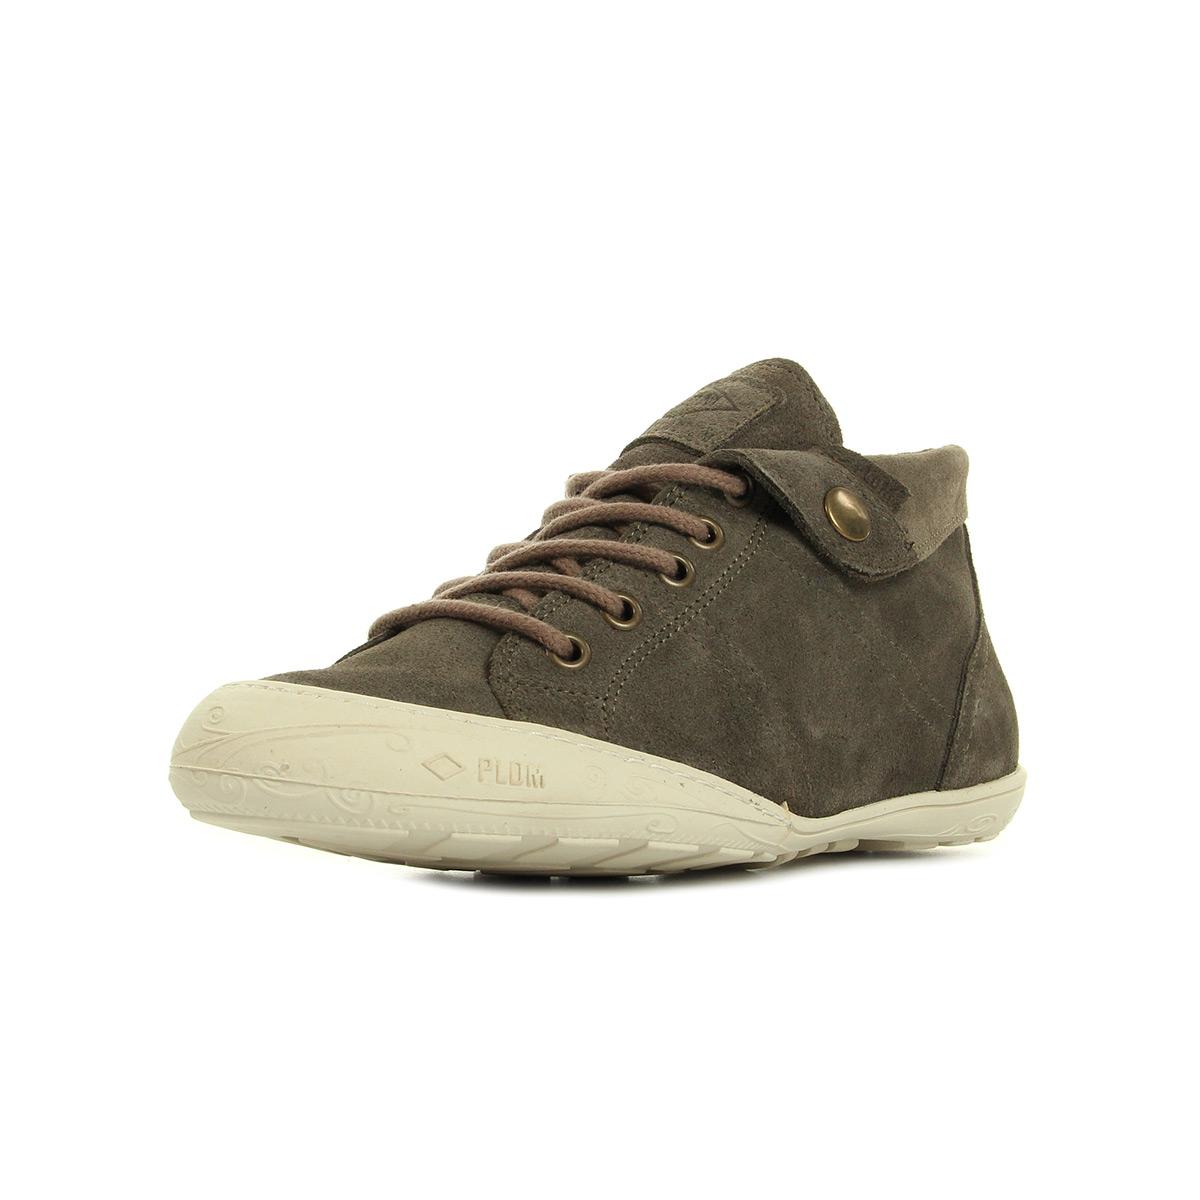 Palladium Chaussures PLDM Gaetane Twl Savane Palladium soldes kwFO4EM2